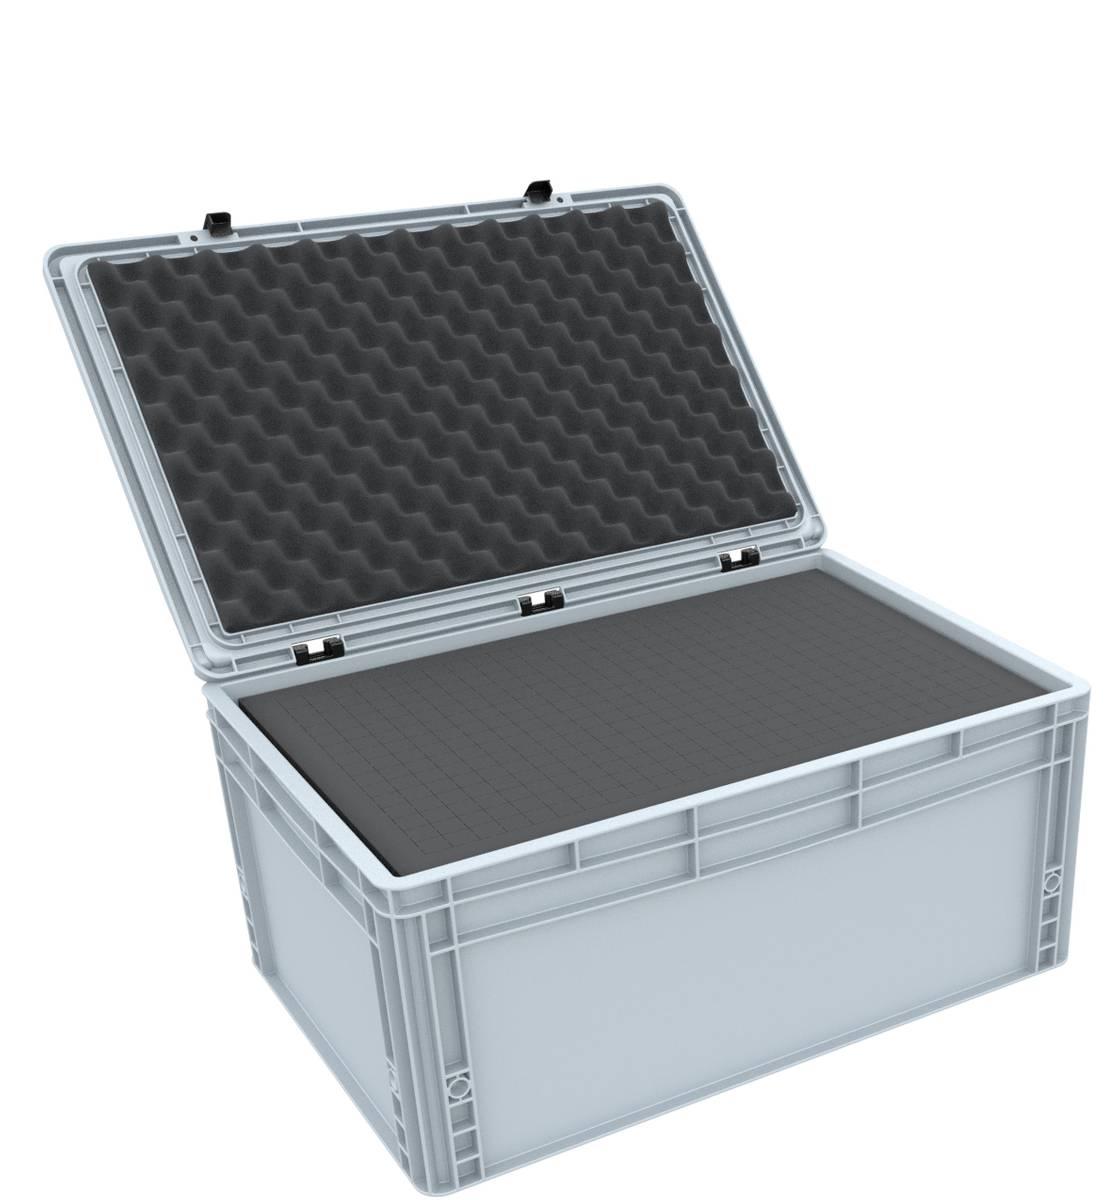 ED 64/27 HG Eurobehälter / Euro Box mit Scharnierdeckel 600 x 400 x 285 mm inklusive Rasterschaumstoff